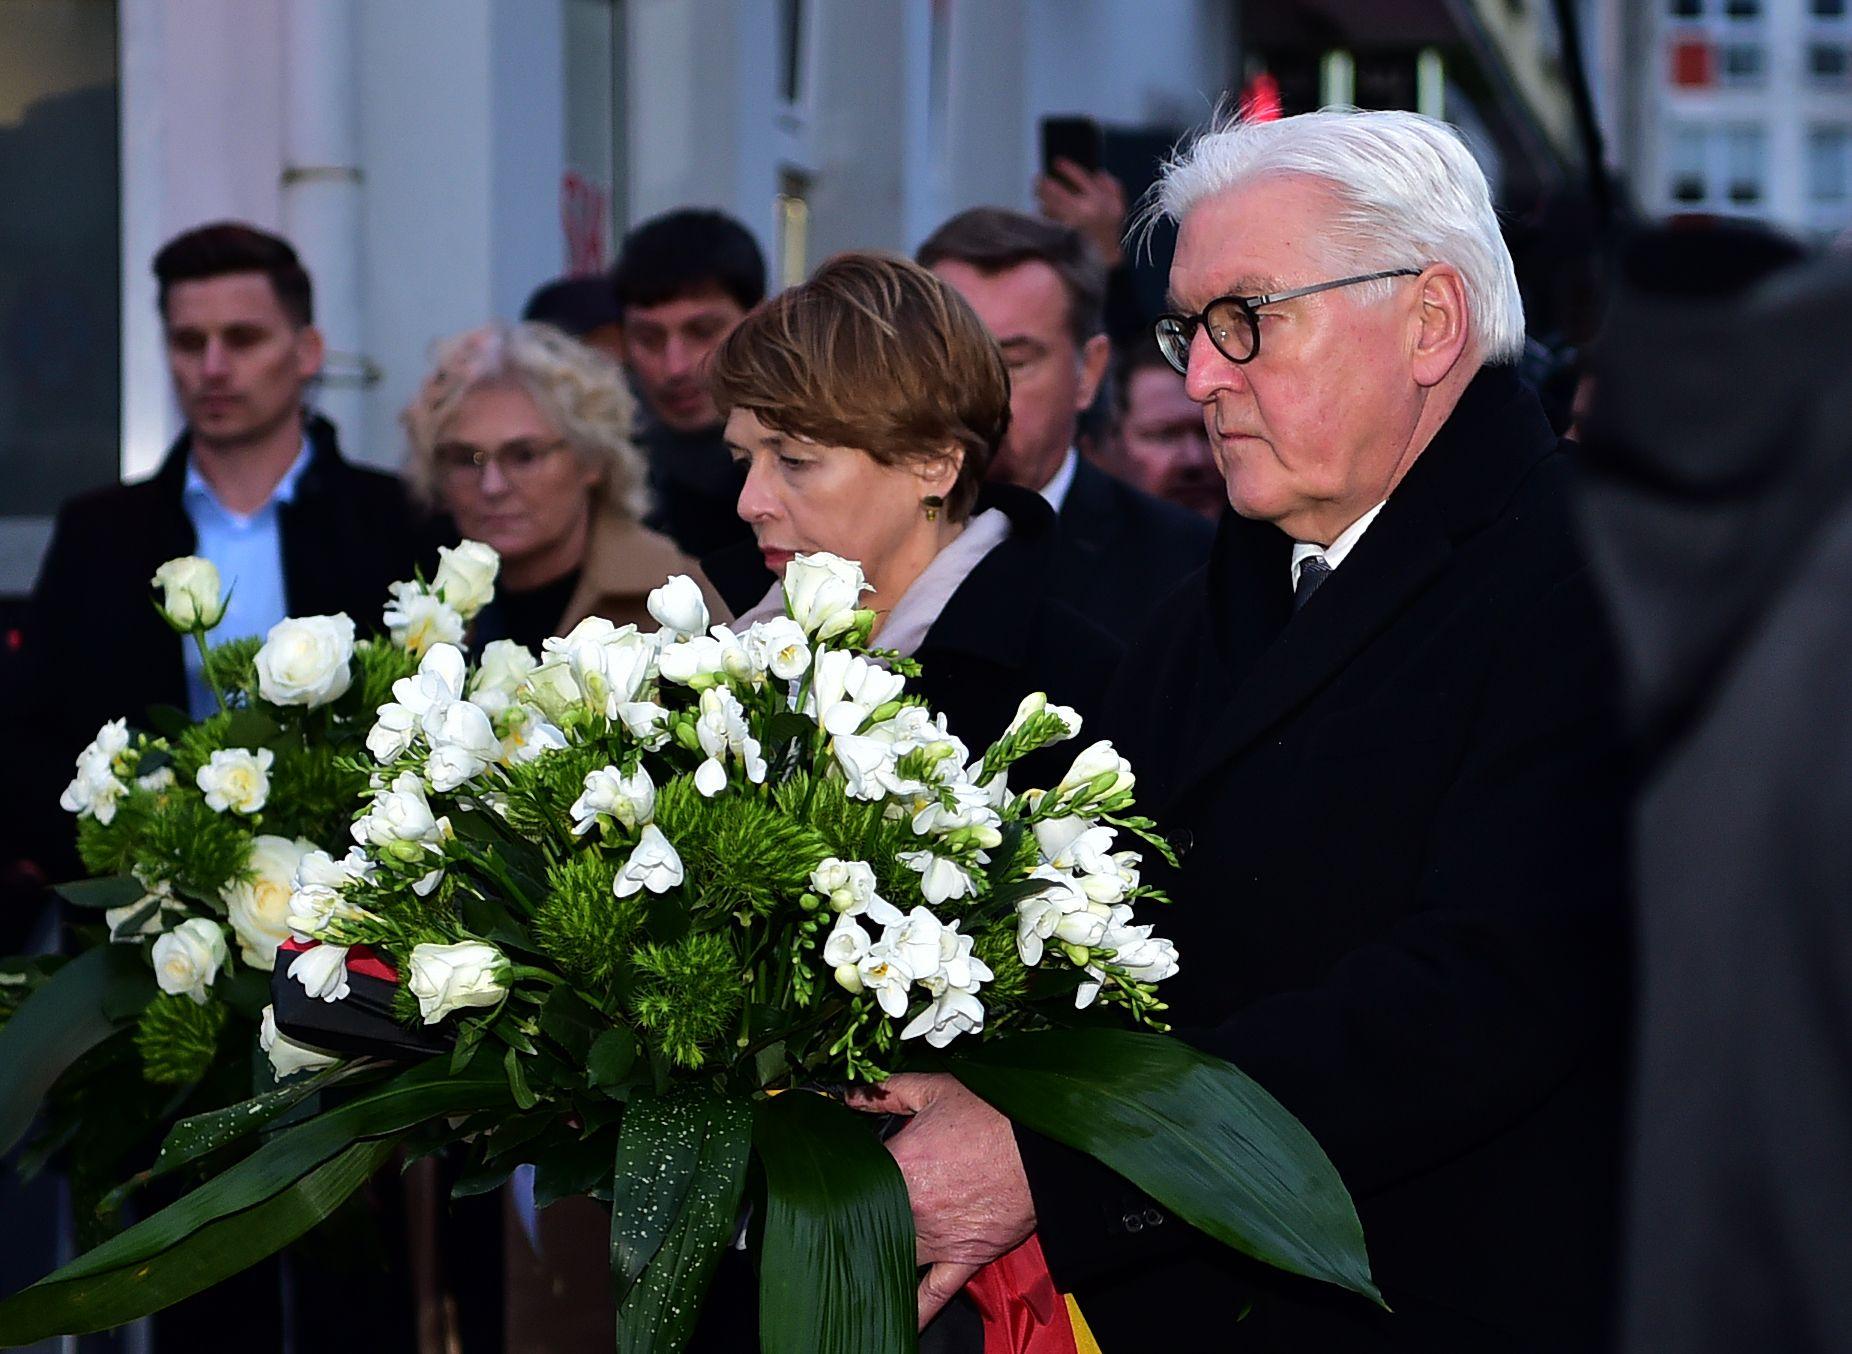 Хората палеха свещи и оставяха цветя и послания в мълчание пред Бранденбургската врата в Берлин, Франкфурт и в самия Ханау